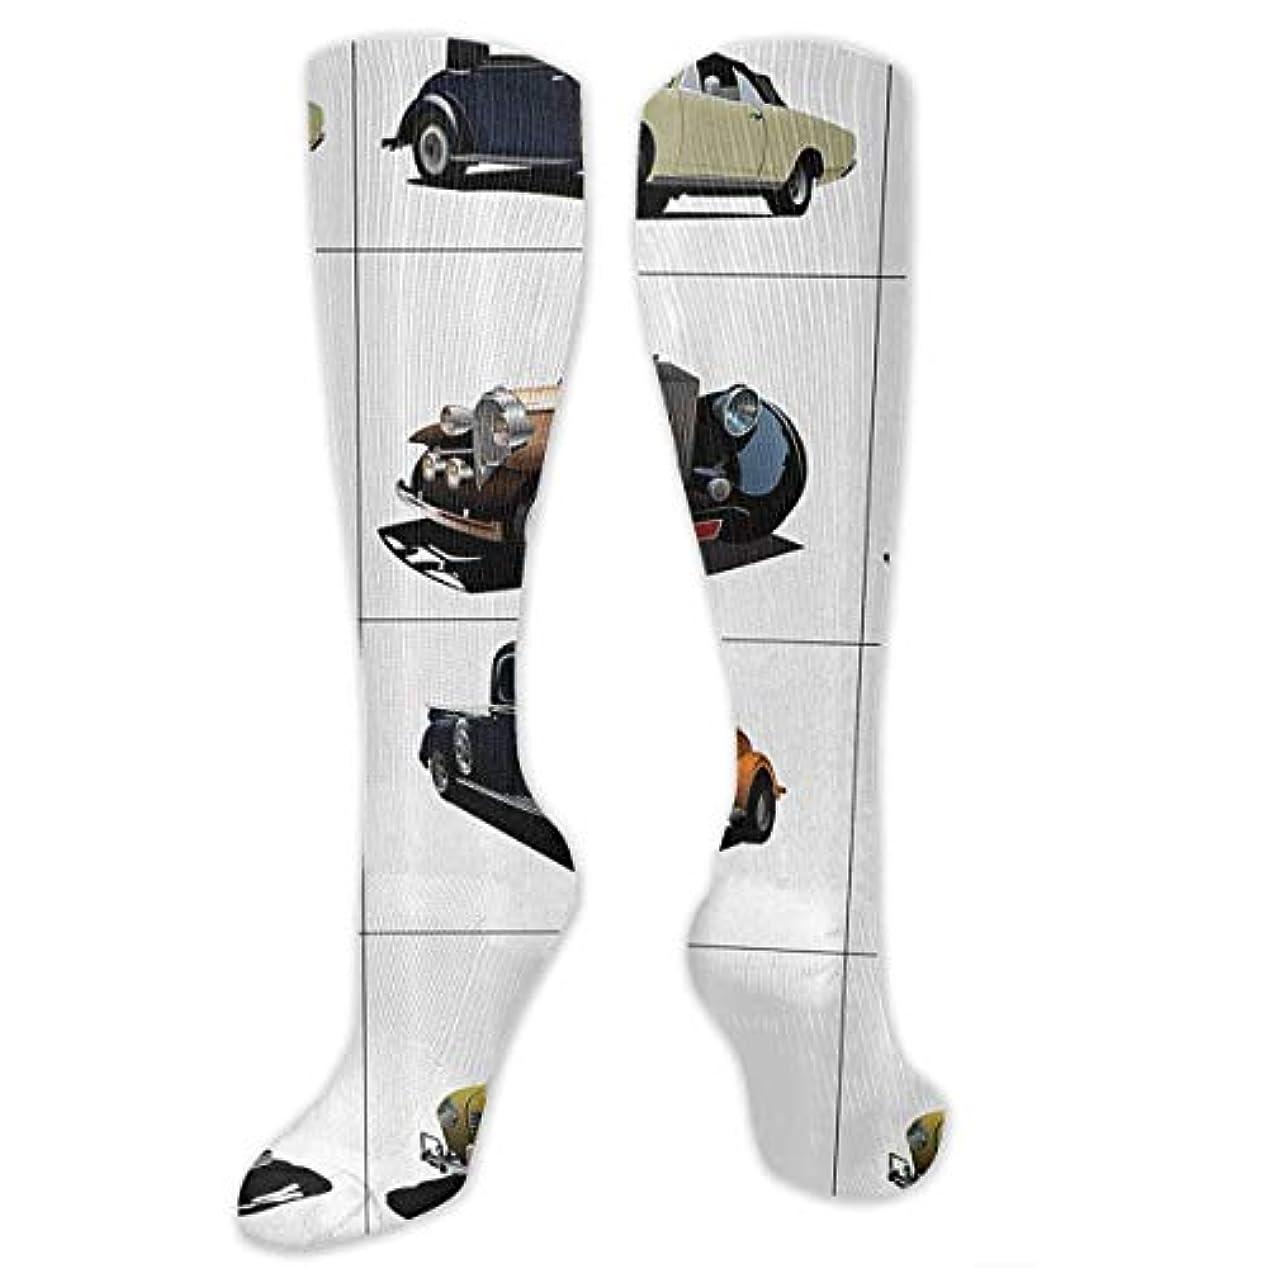 ピカソ原点レモン靴下,ストッキング,野生のジョーカー,実際,秋の本質,冬必須,サマーウェア&RBXAA A Rare Vintage 1950s Car Socks Women's Winter Cotton Long Tube Socks...